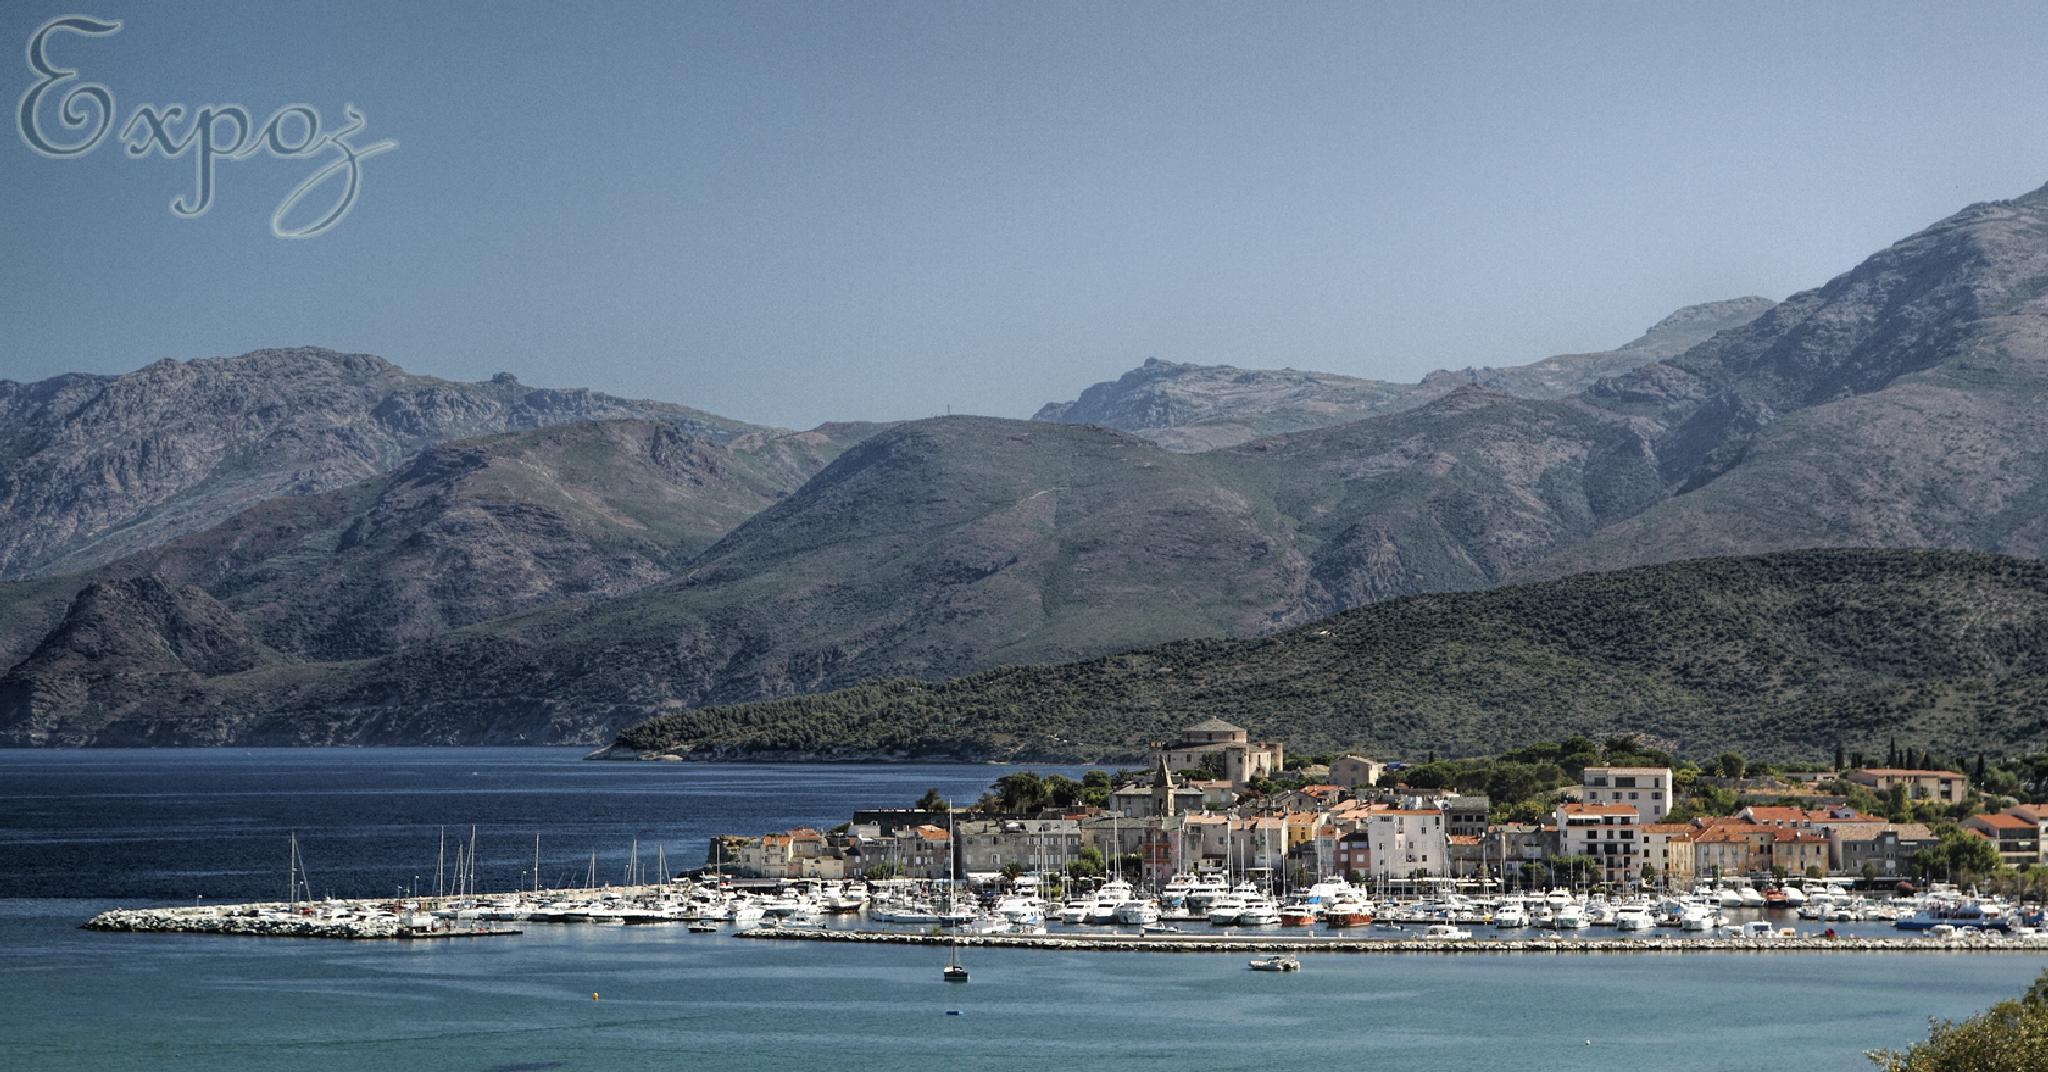 Saint Florent Corsica by Expo'Z